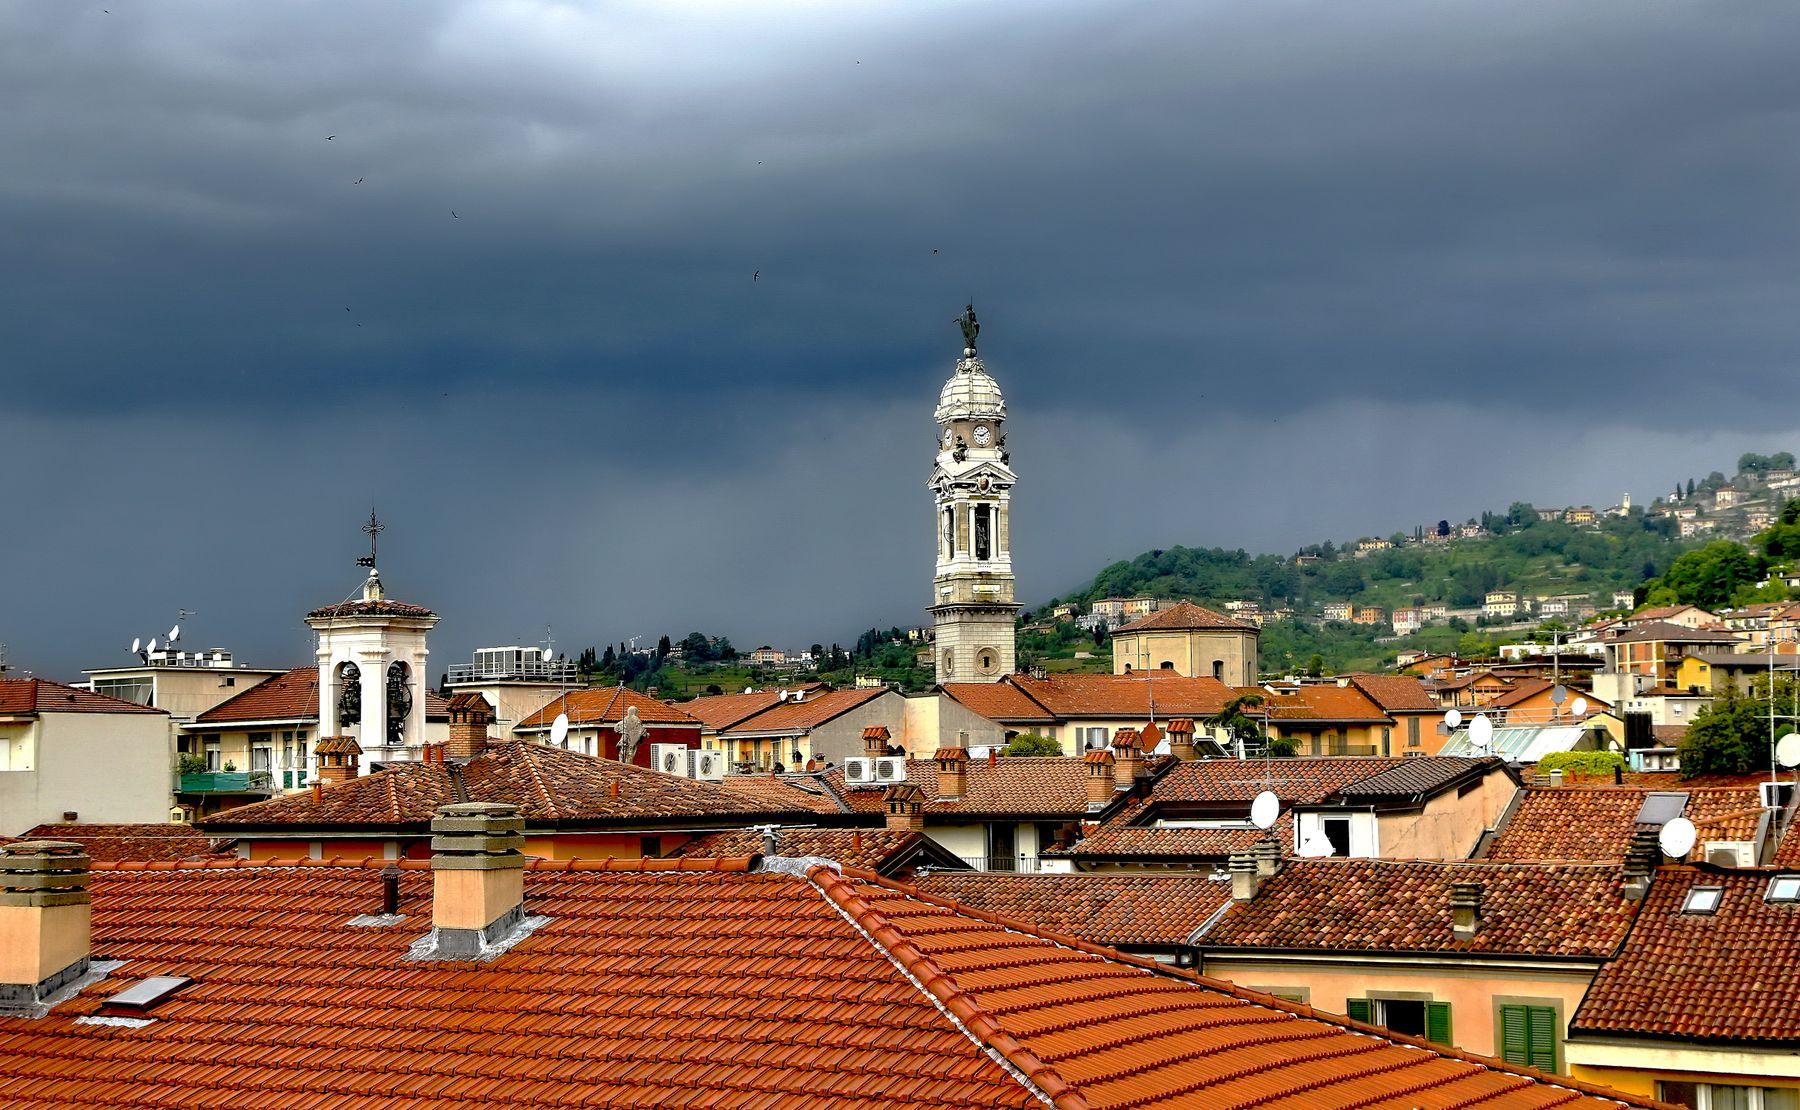 *** Над Бергамо гроза... Бергамо крыши гроза стихия